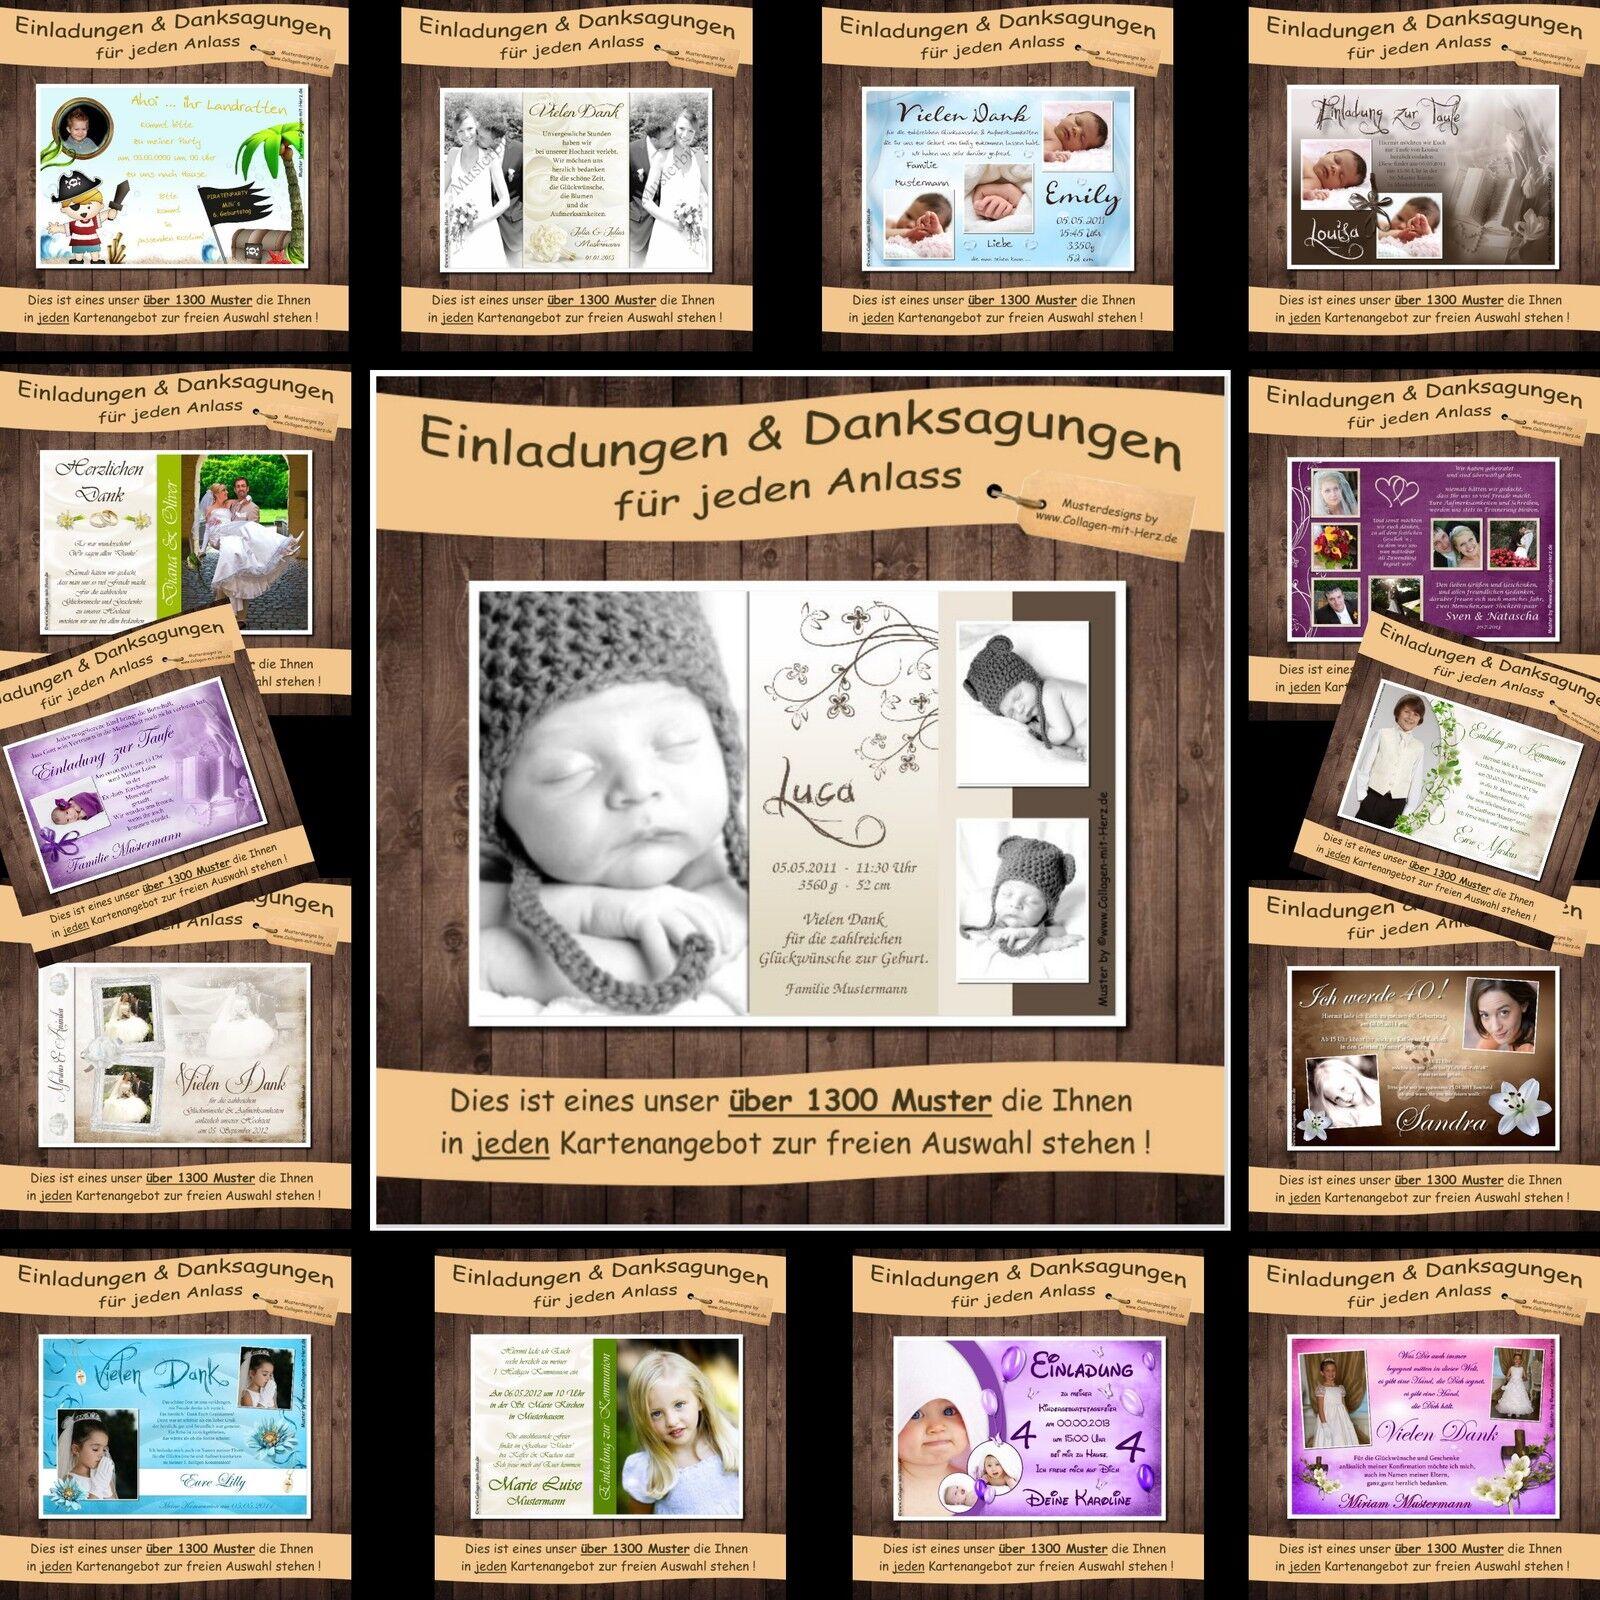 FOTO Einladungen Danksagungen   Einladungskarten Danksagungeskarten - Kommunion   | Grüne, neue Technologie  | Überlegen